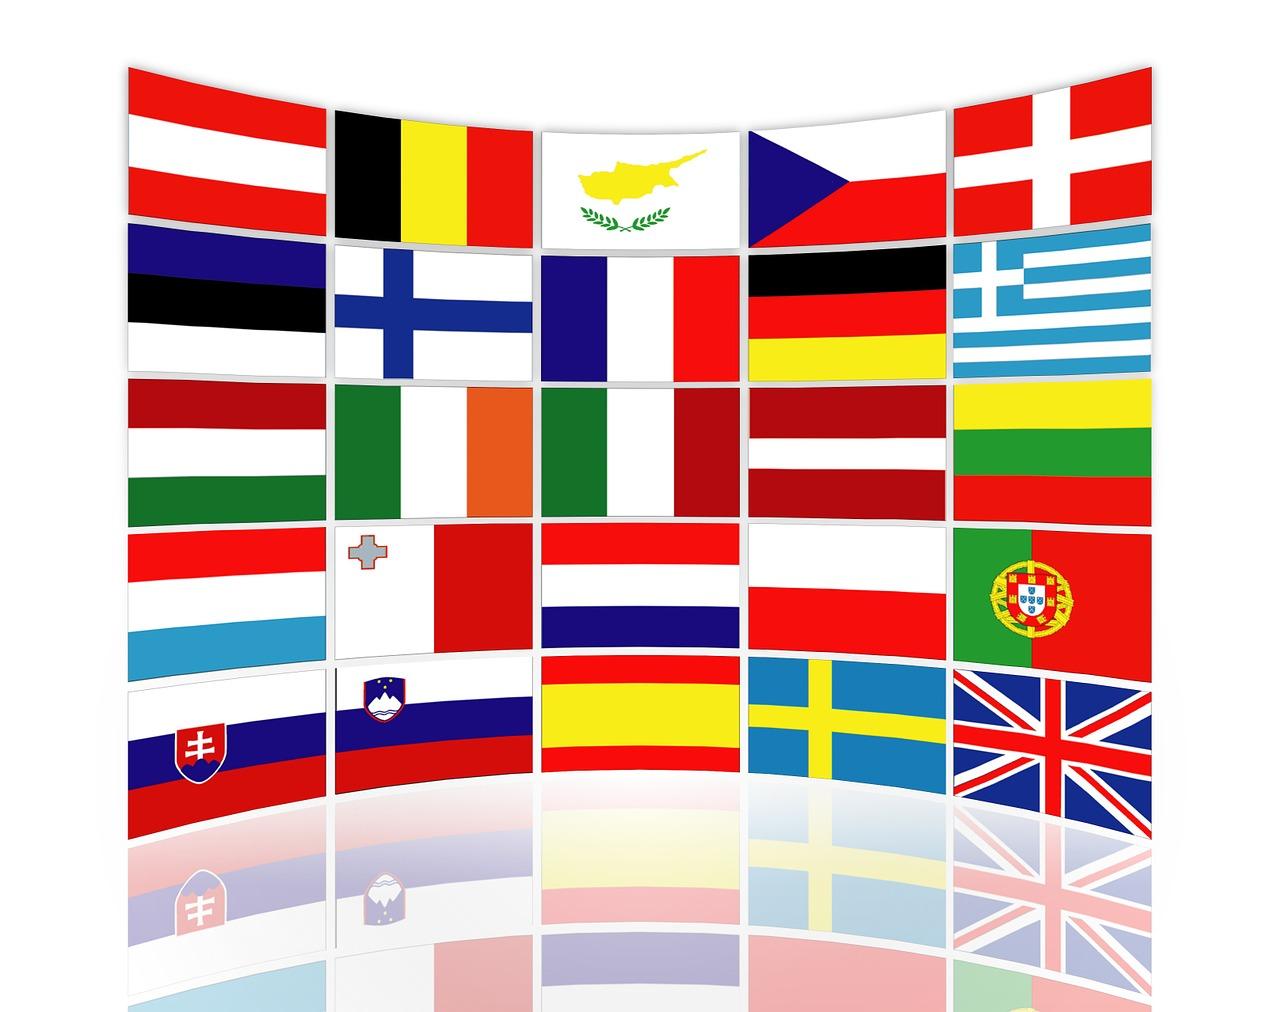 Aplicaciones de traducción gratuitas para llevar en el bolsillo